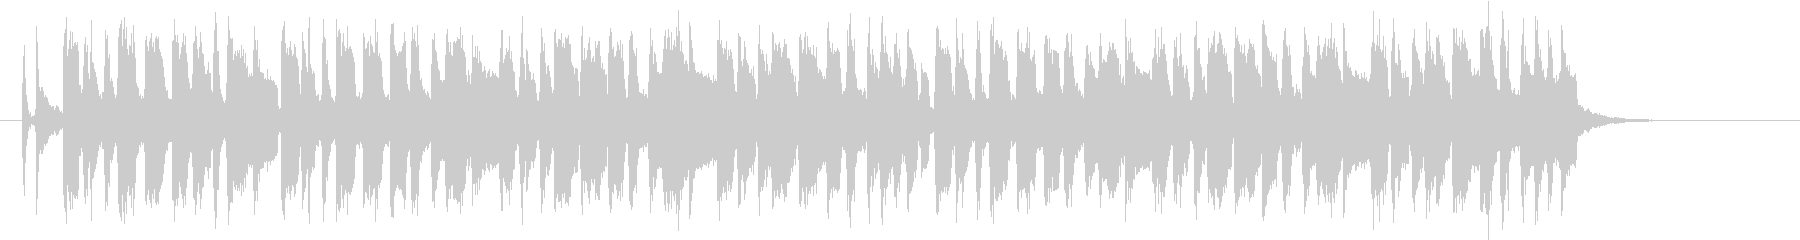 軽快で明るいポップスバンドのジングルの未再生の波形